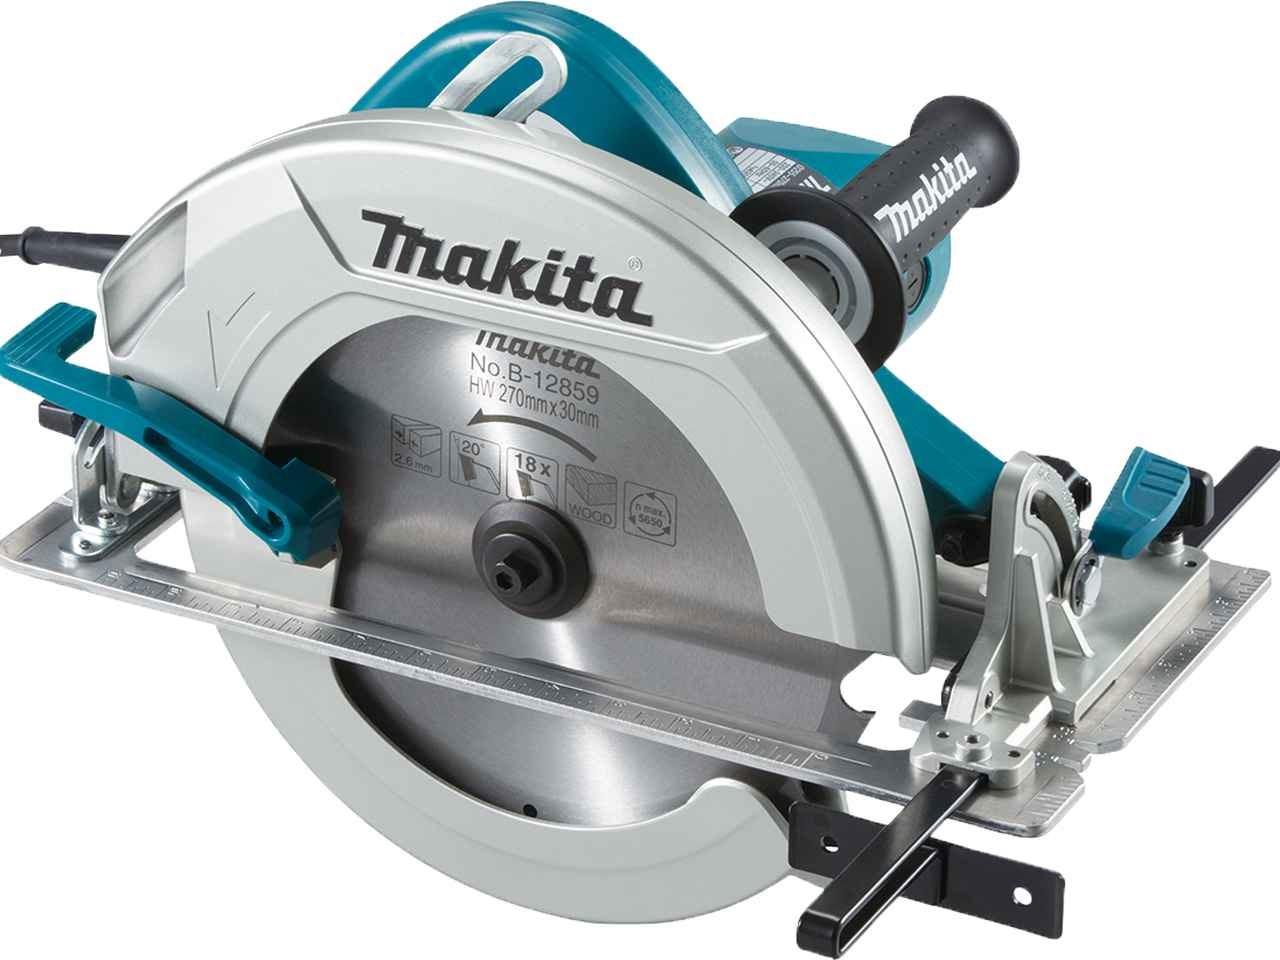 makita circular saw 5007nb manual